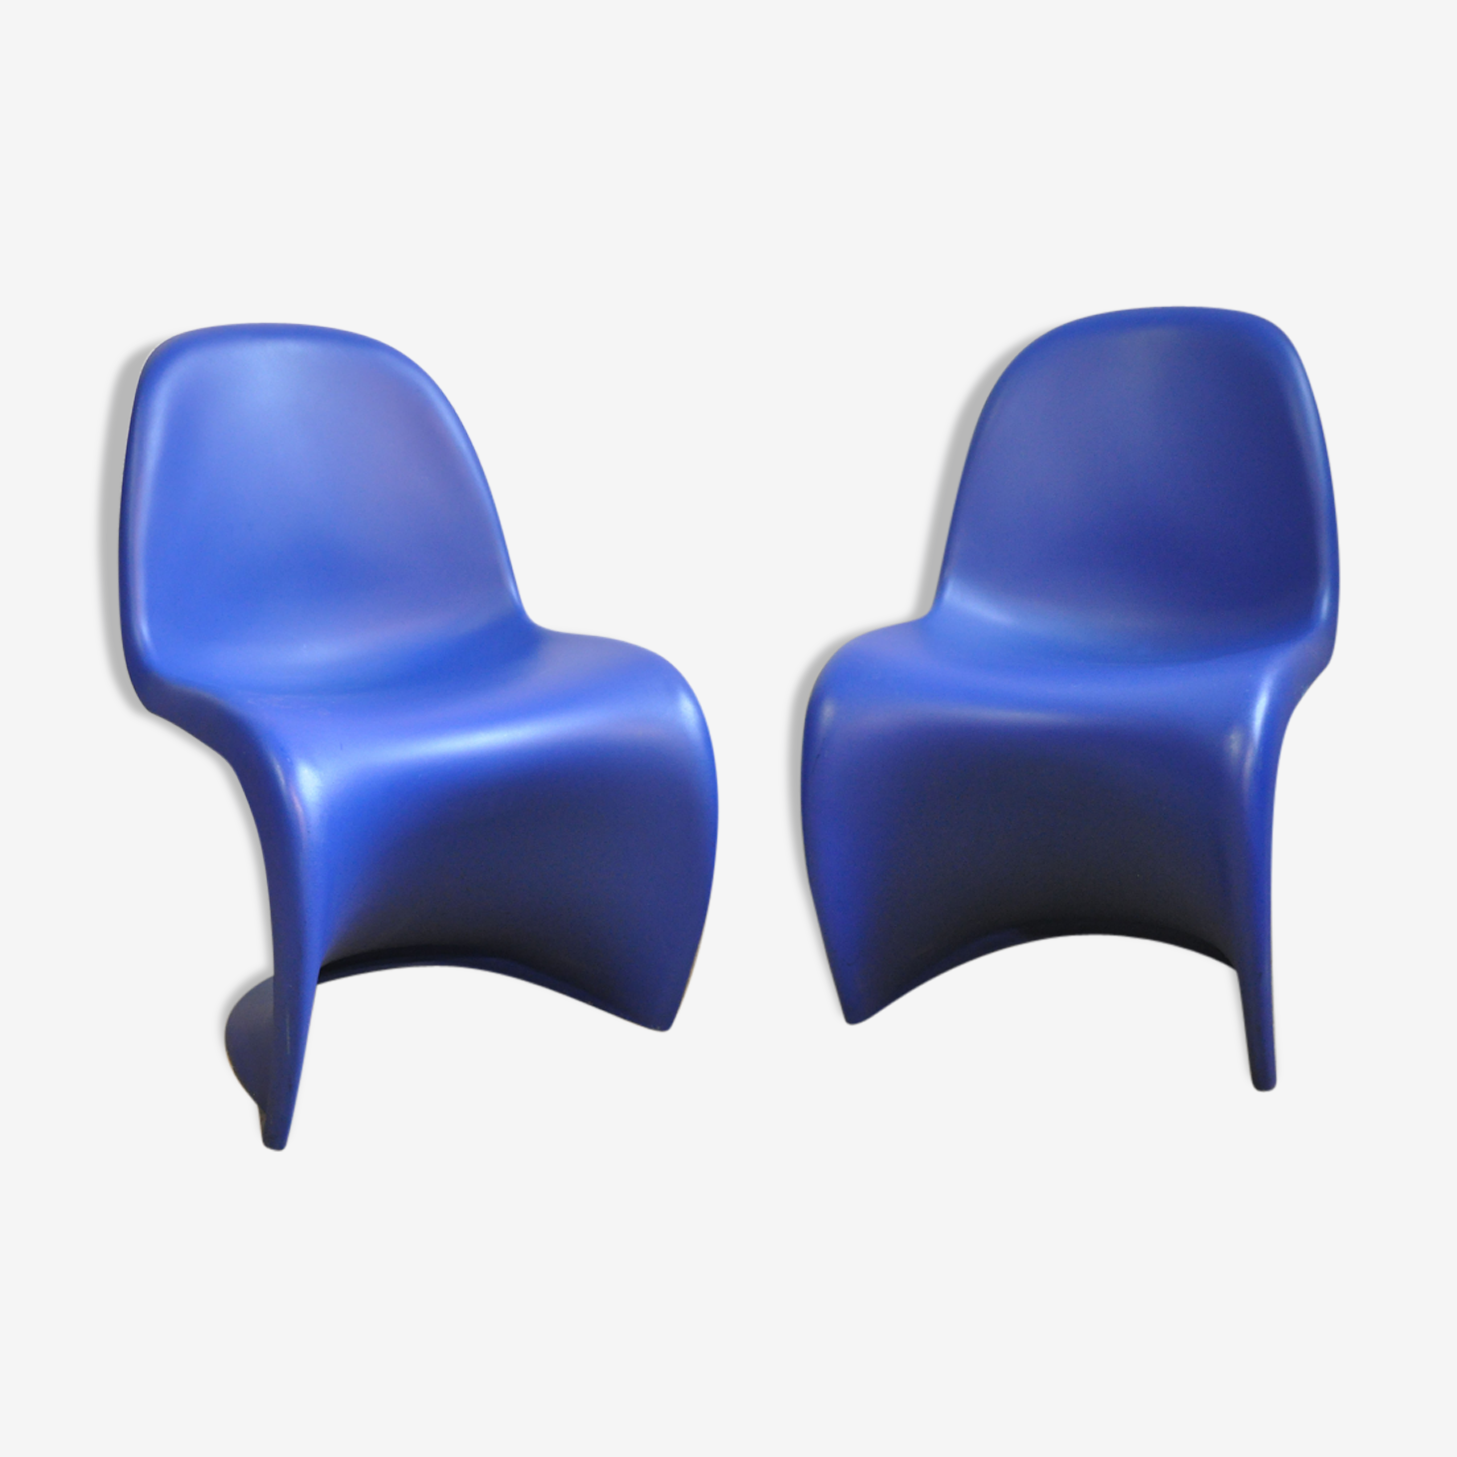 Paire de chaises S Panton réédition Vitra 2000